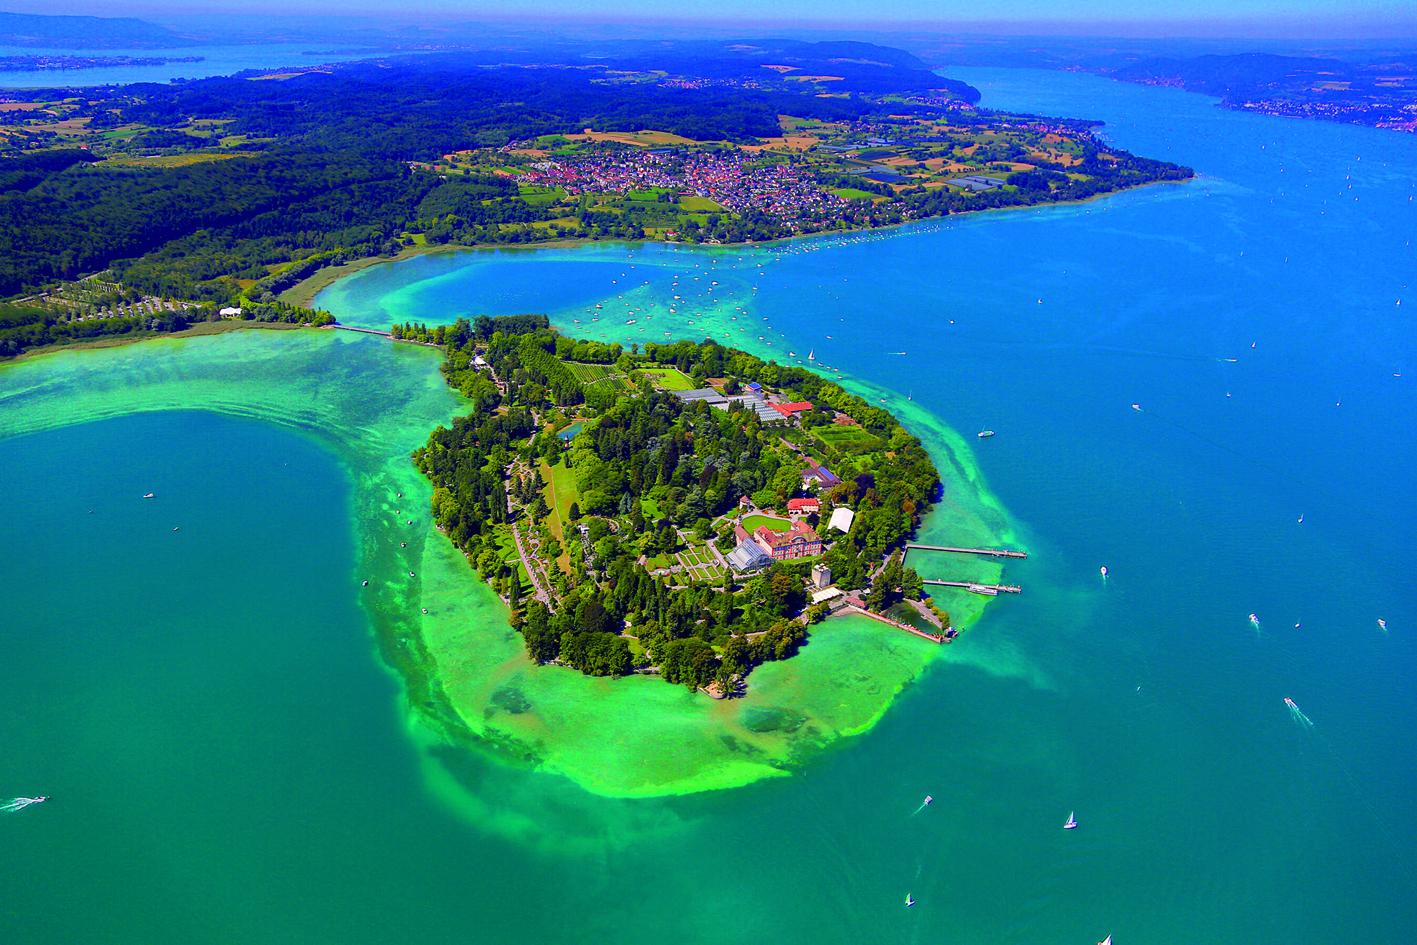 空から見たマイナウ島